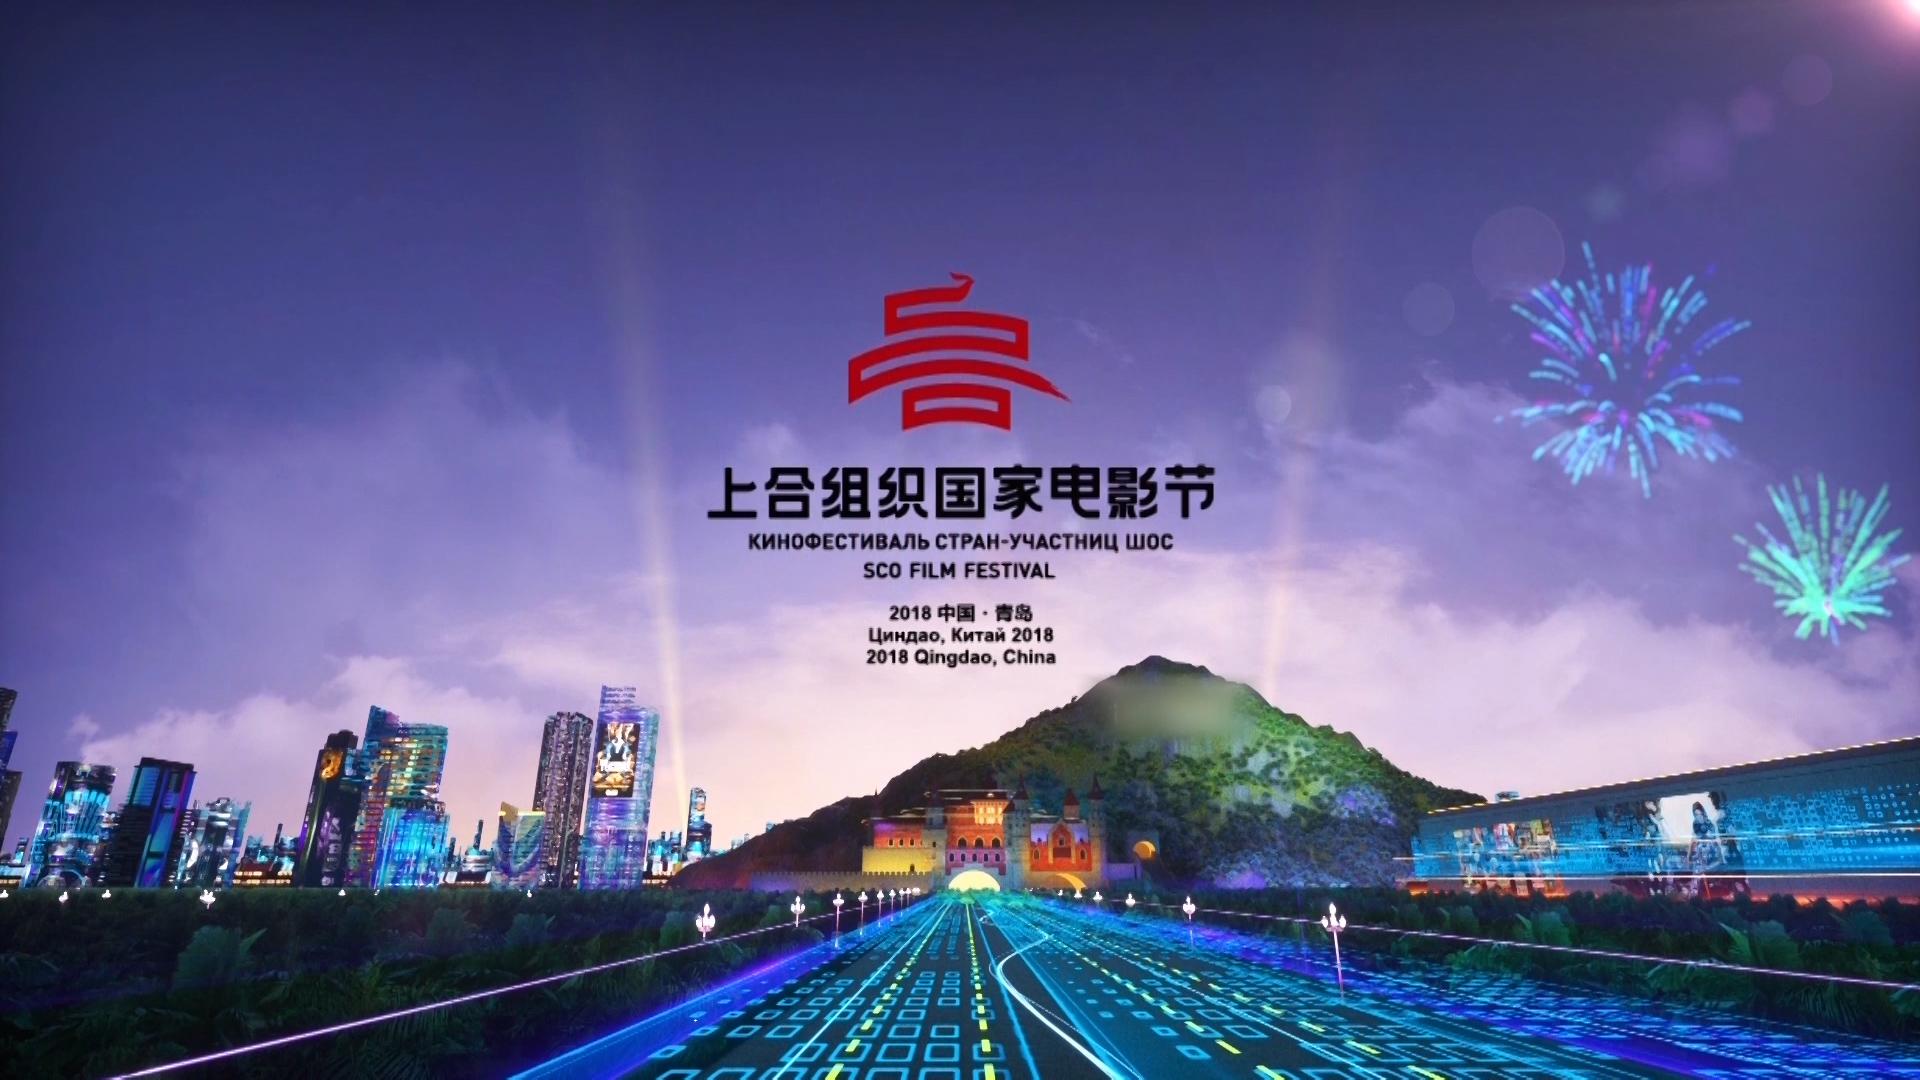 视频丨上合组织国家电影节开幕式场地内景曝光 成龙黄晓明将亮相图片